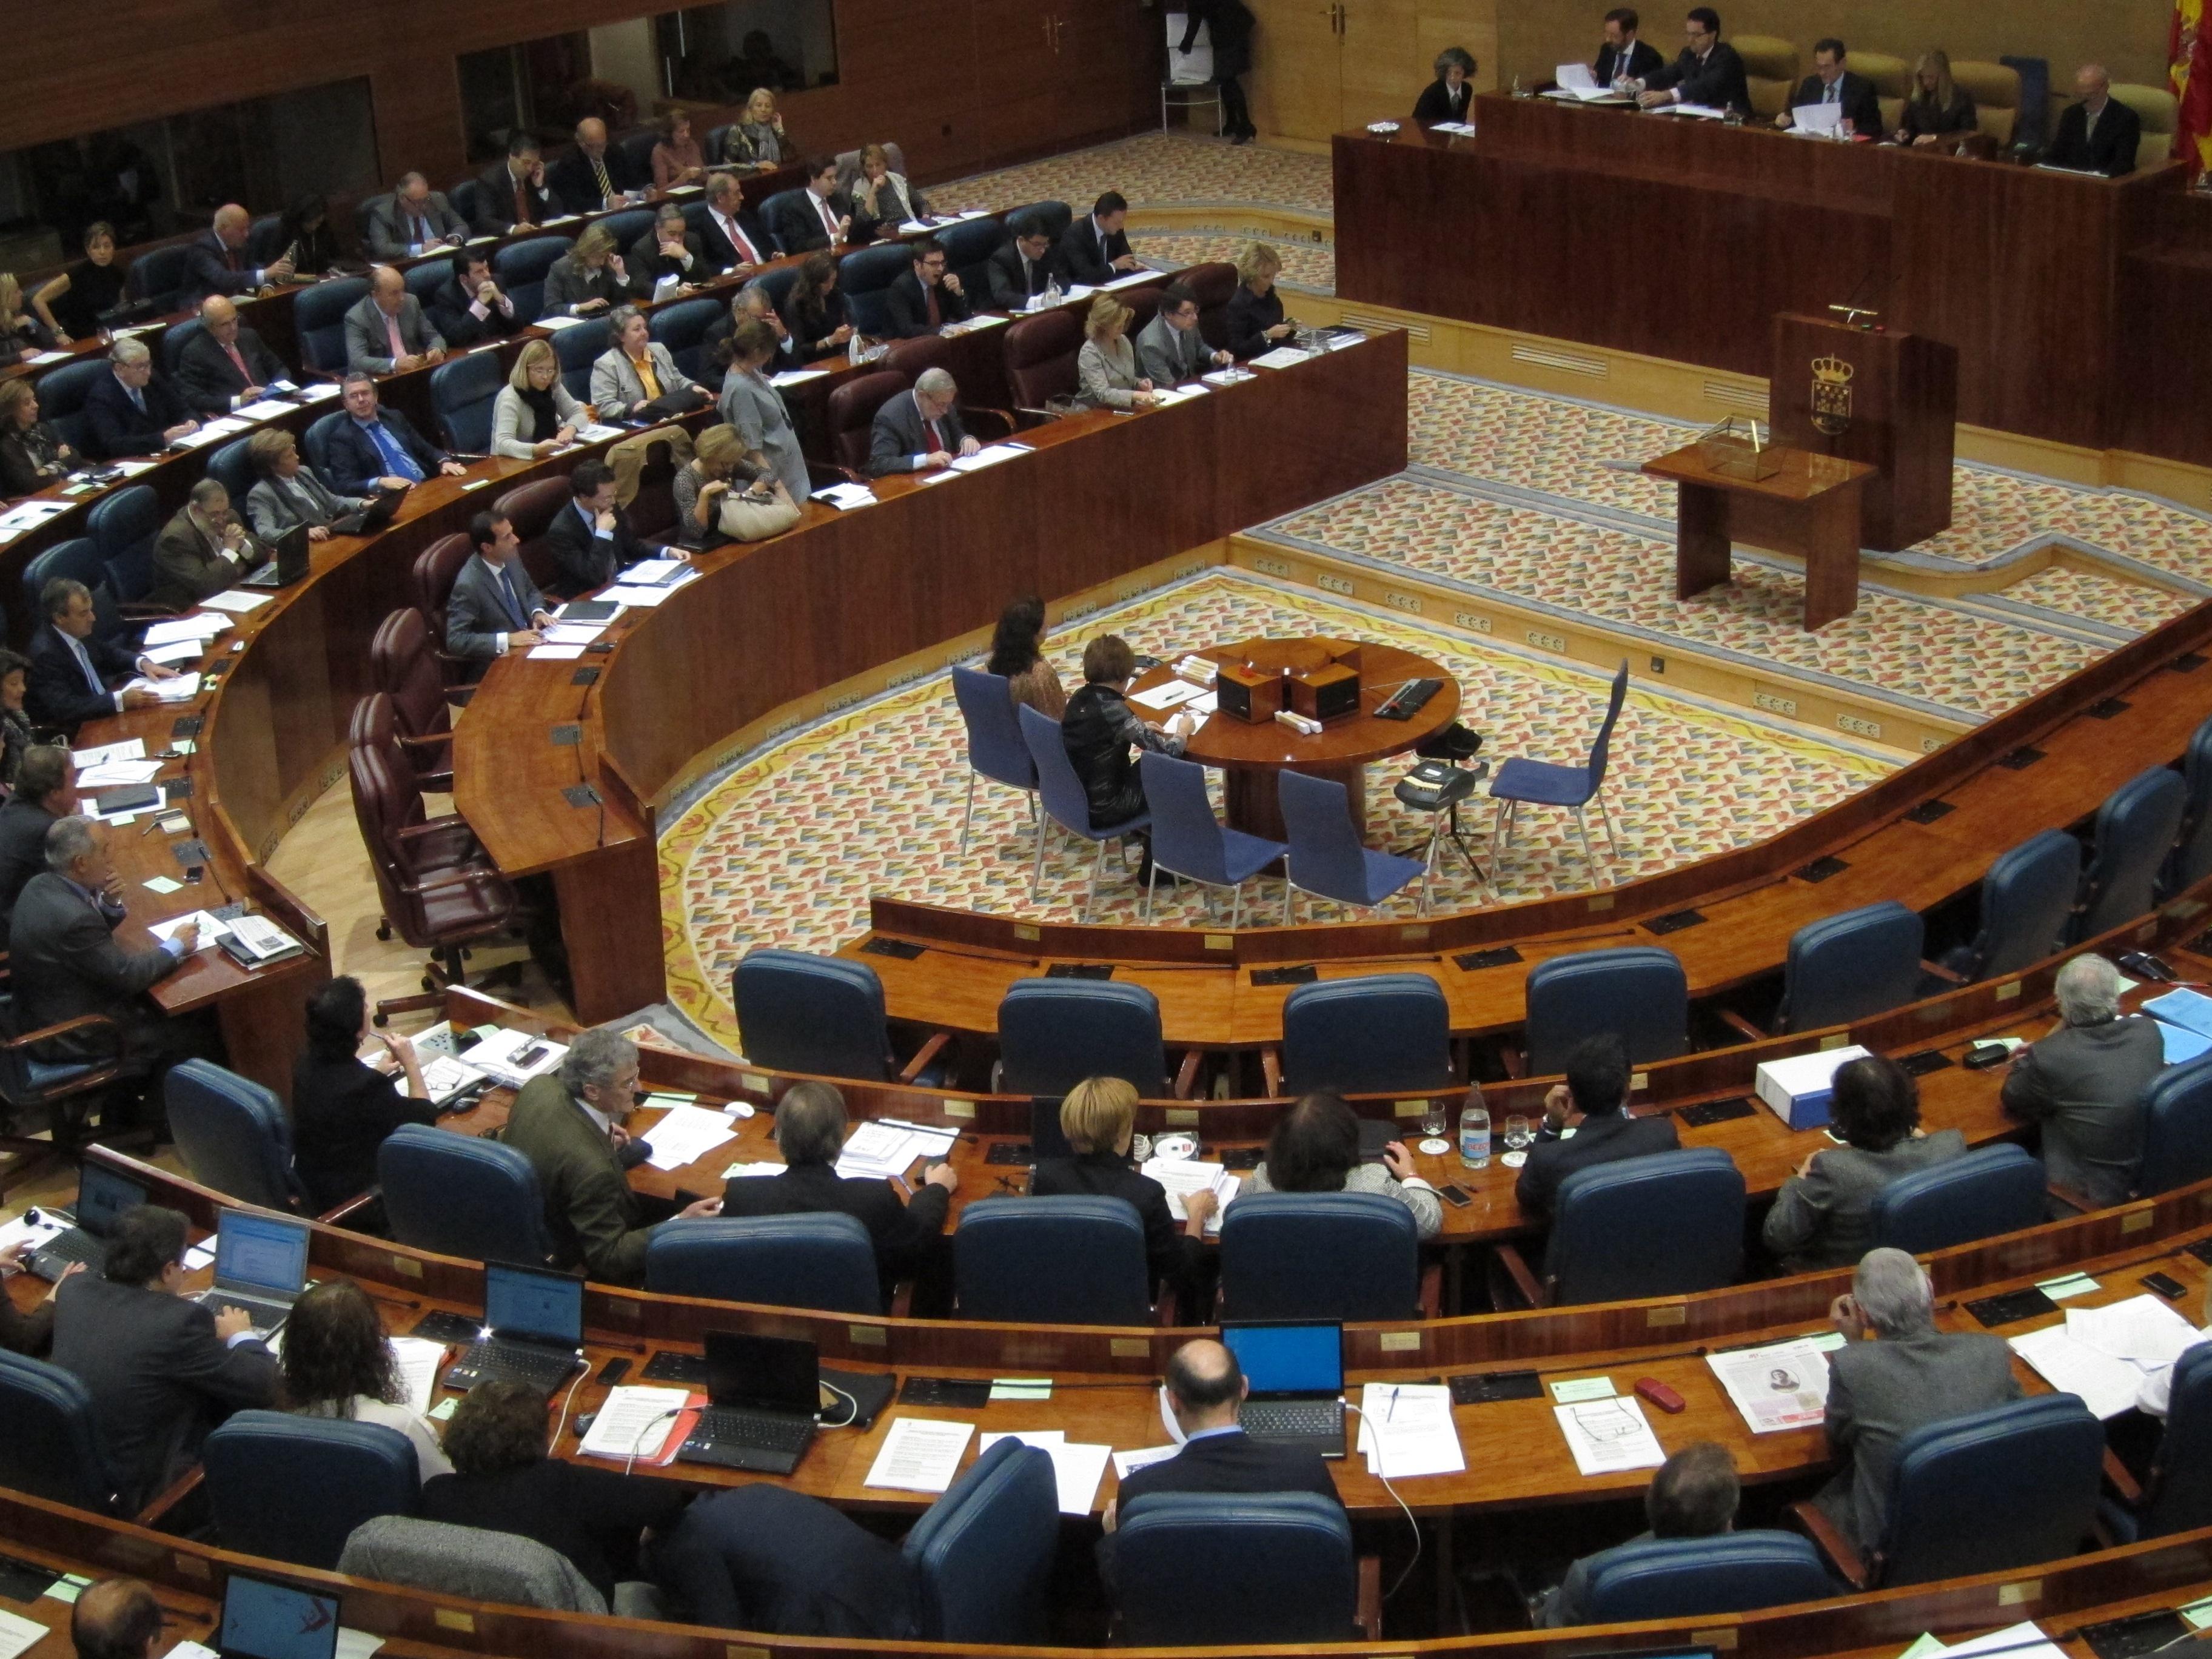 La Asamblea ha tramitado 3.059 iniciativas desde enero de 2013, en su mayoría, peticiones de información a la Comunidad